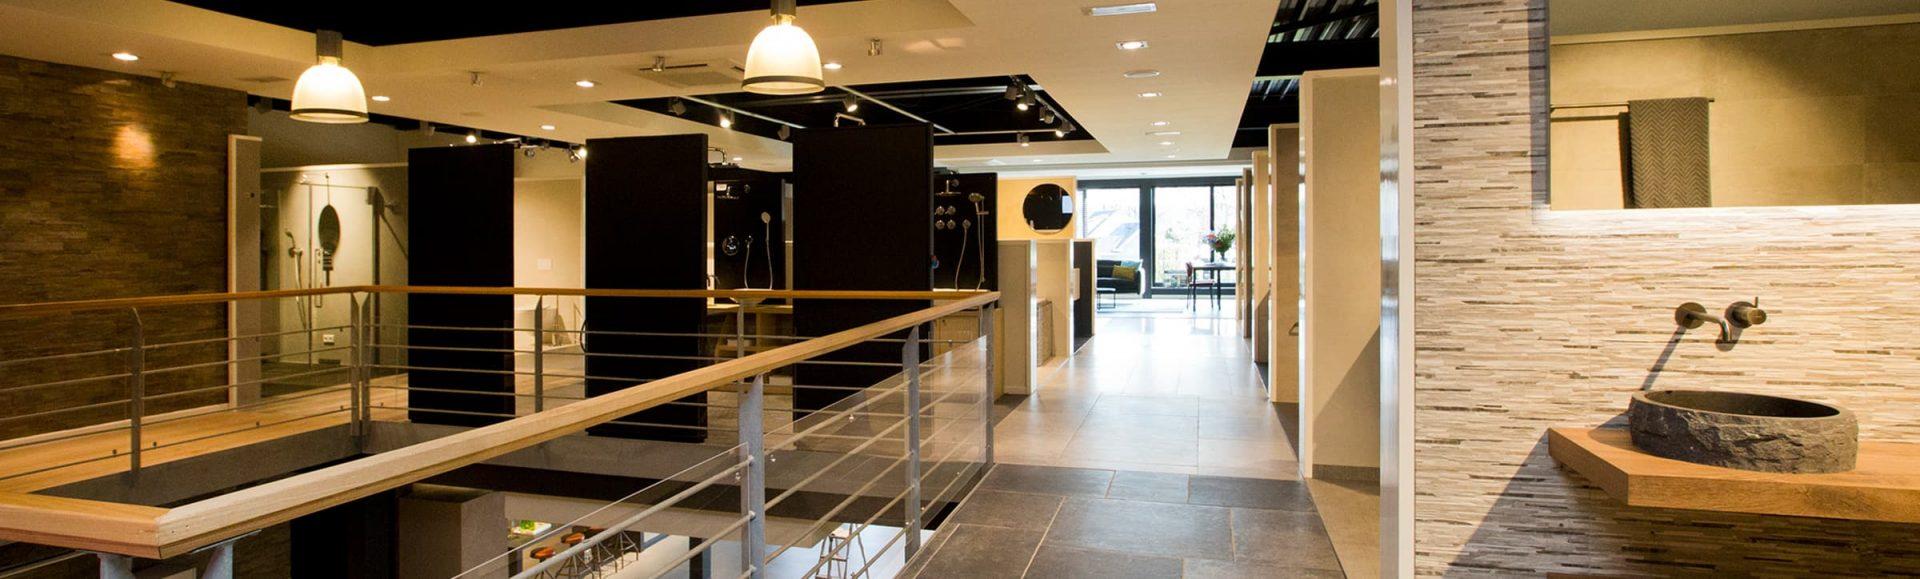 schuit-totaal-wonen-banner-showroom-2